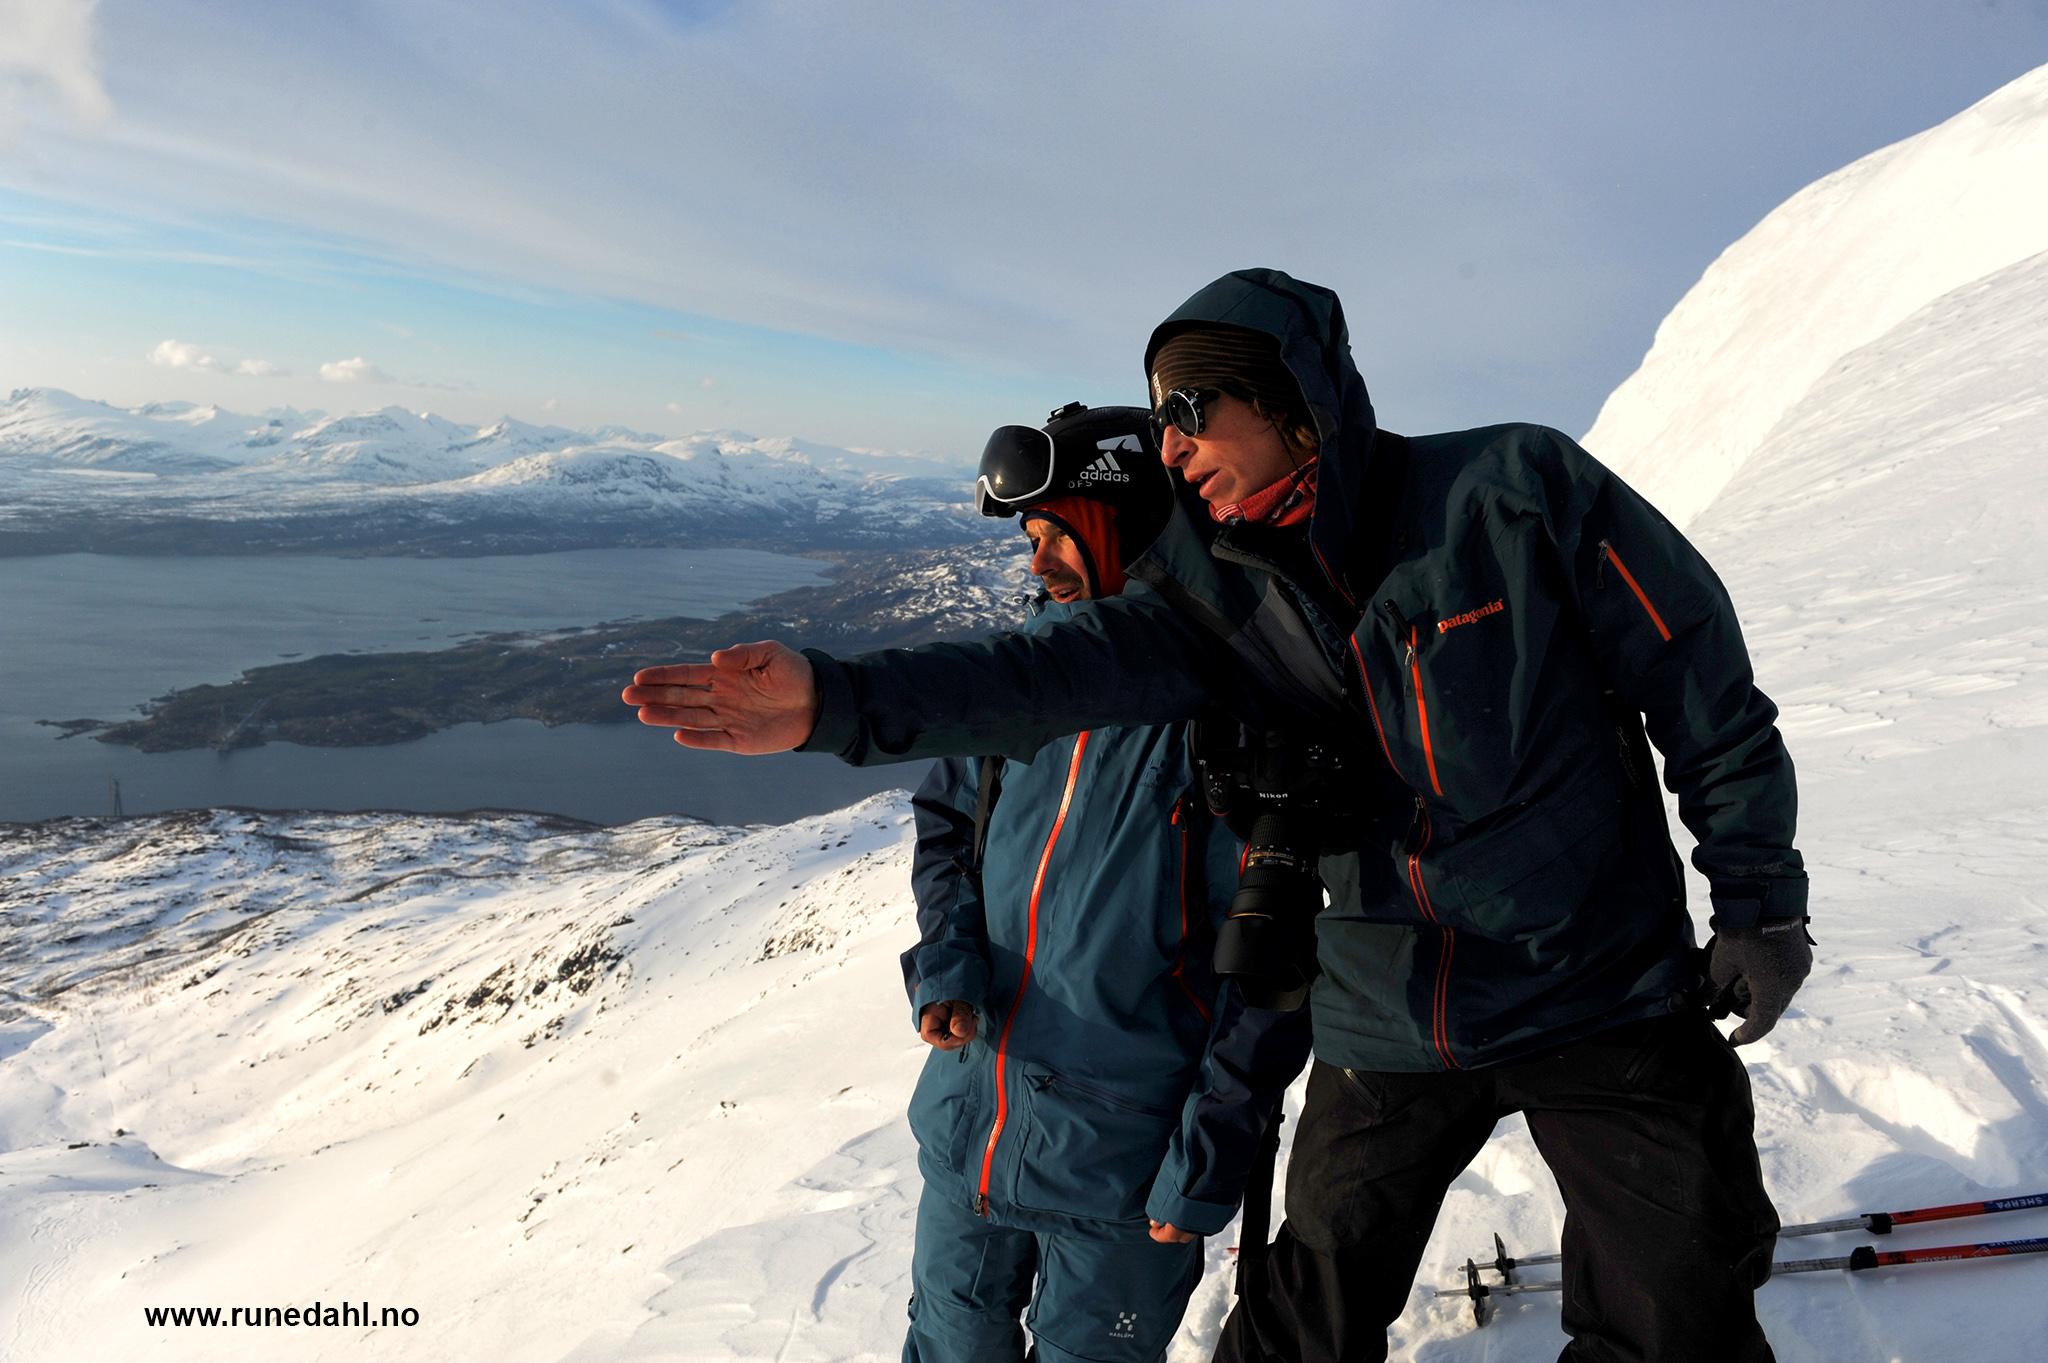 Fotografen Mattias Fredriksson (th) og skikjører Johan Jonsson diskuterer linjevalg. Foto: Rune Dahl